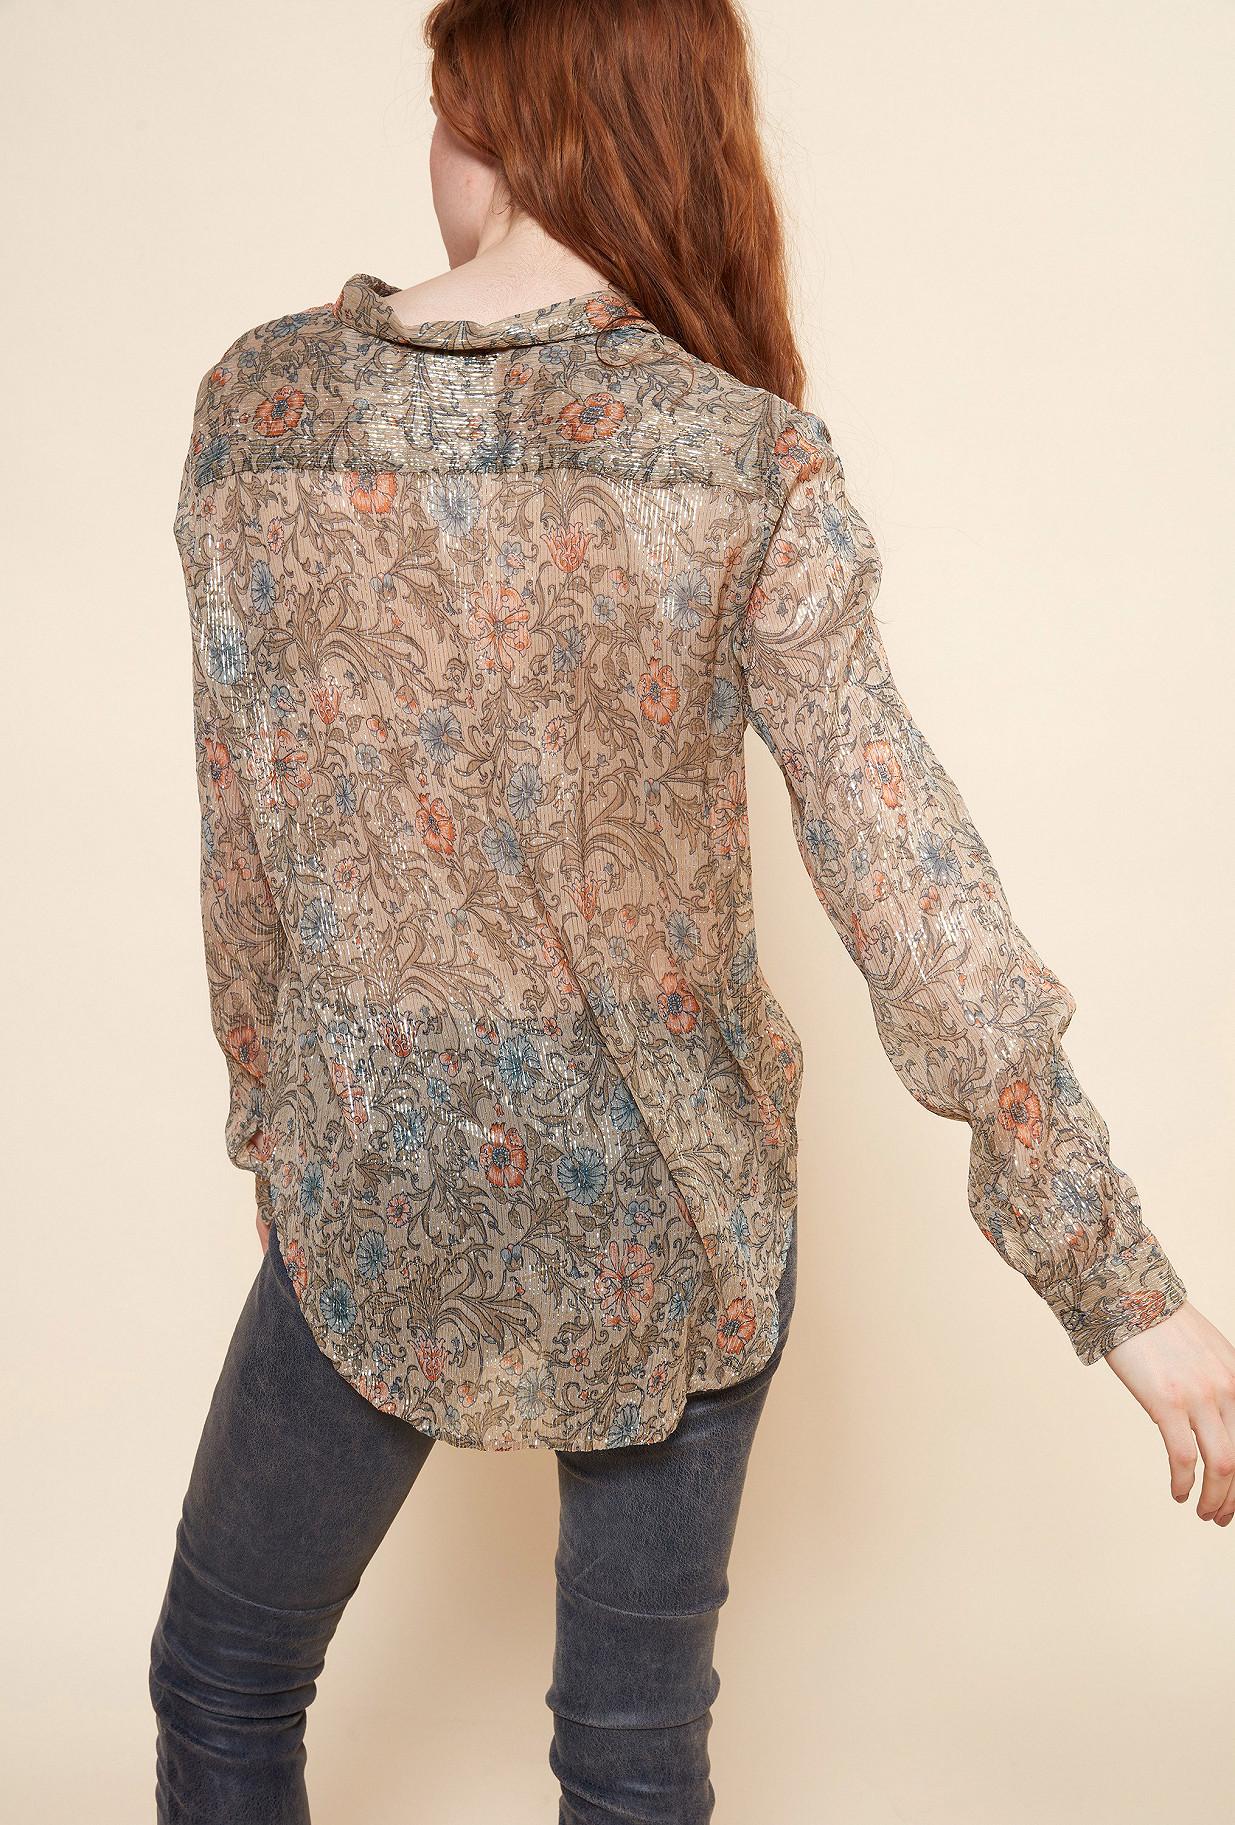 Floral print  SHIRT  Gracie Mes demoiselles fashion clothes designer Paris